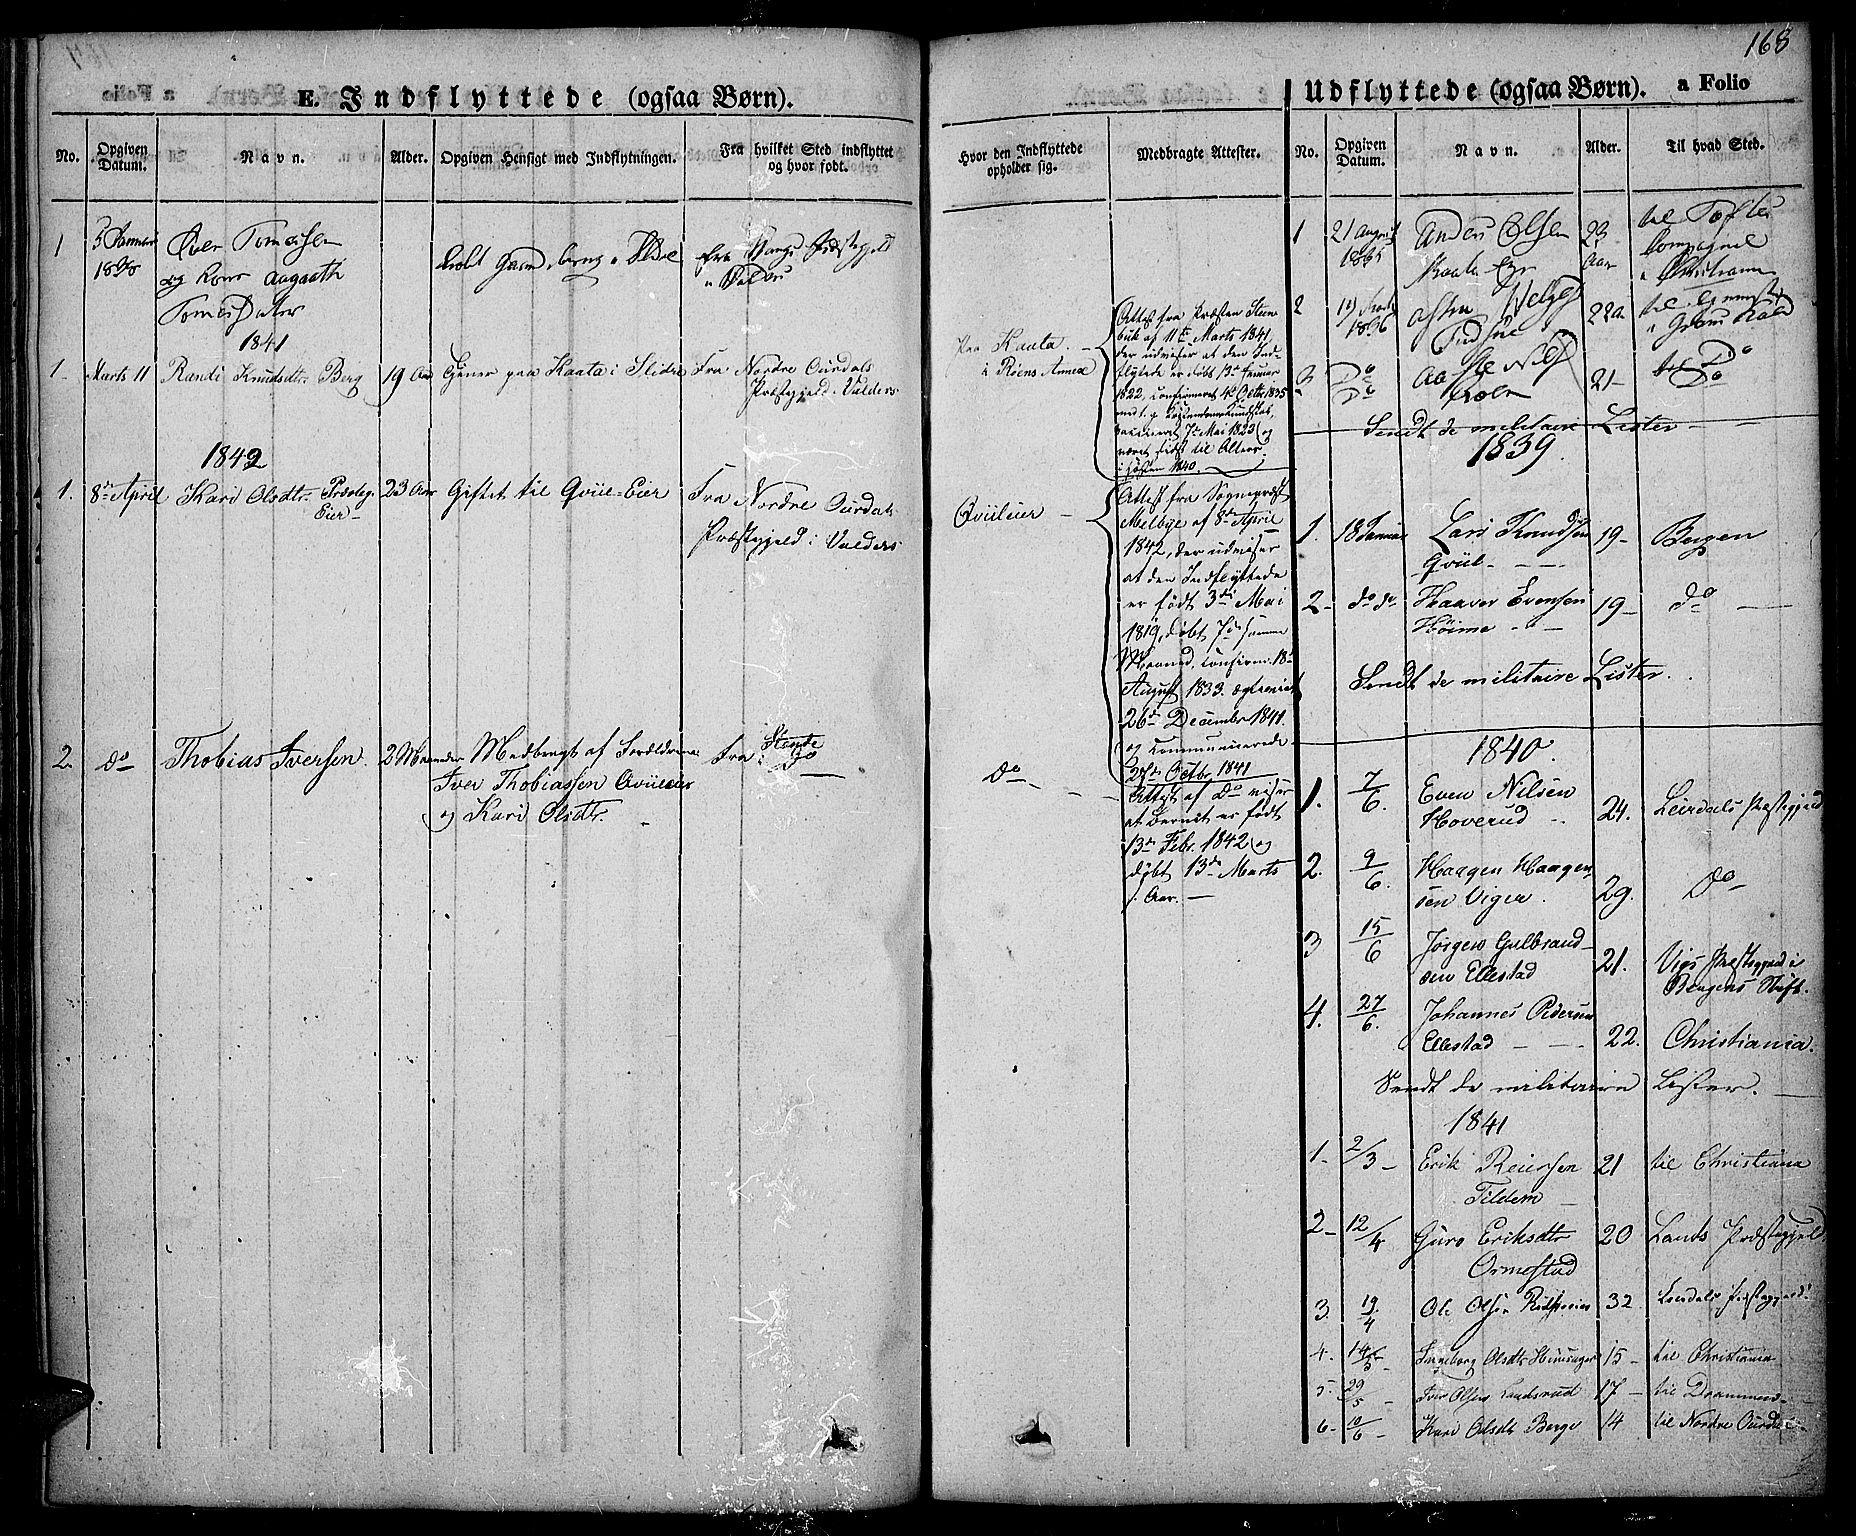 SAH, Slidre prestekontor, Ministerialbok nr. 3, 1831-1843, s. 168